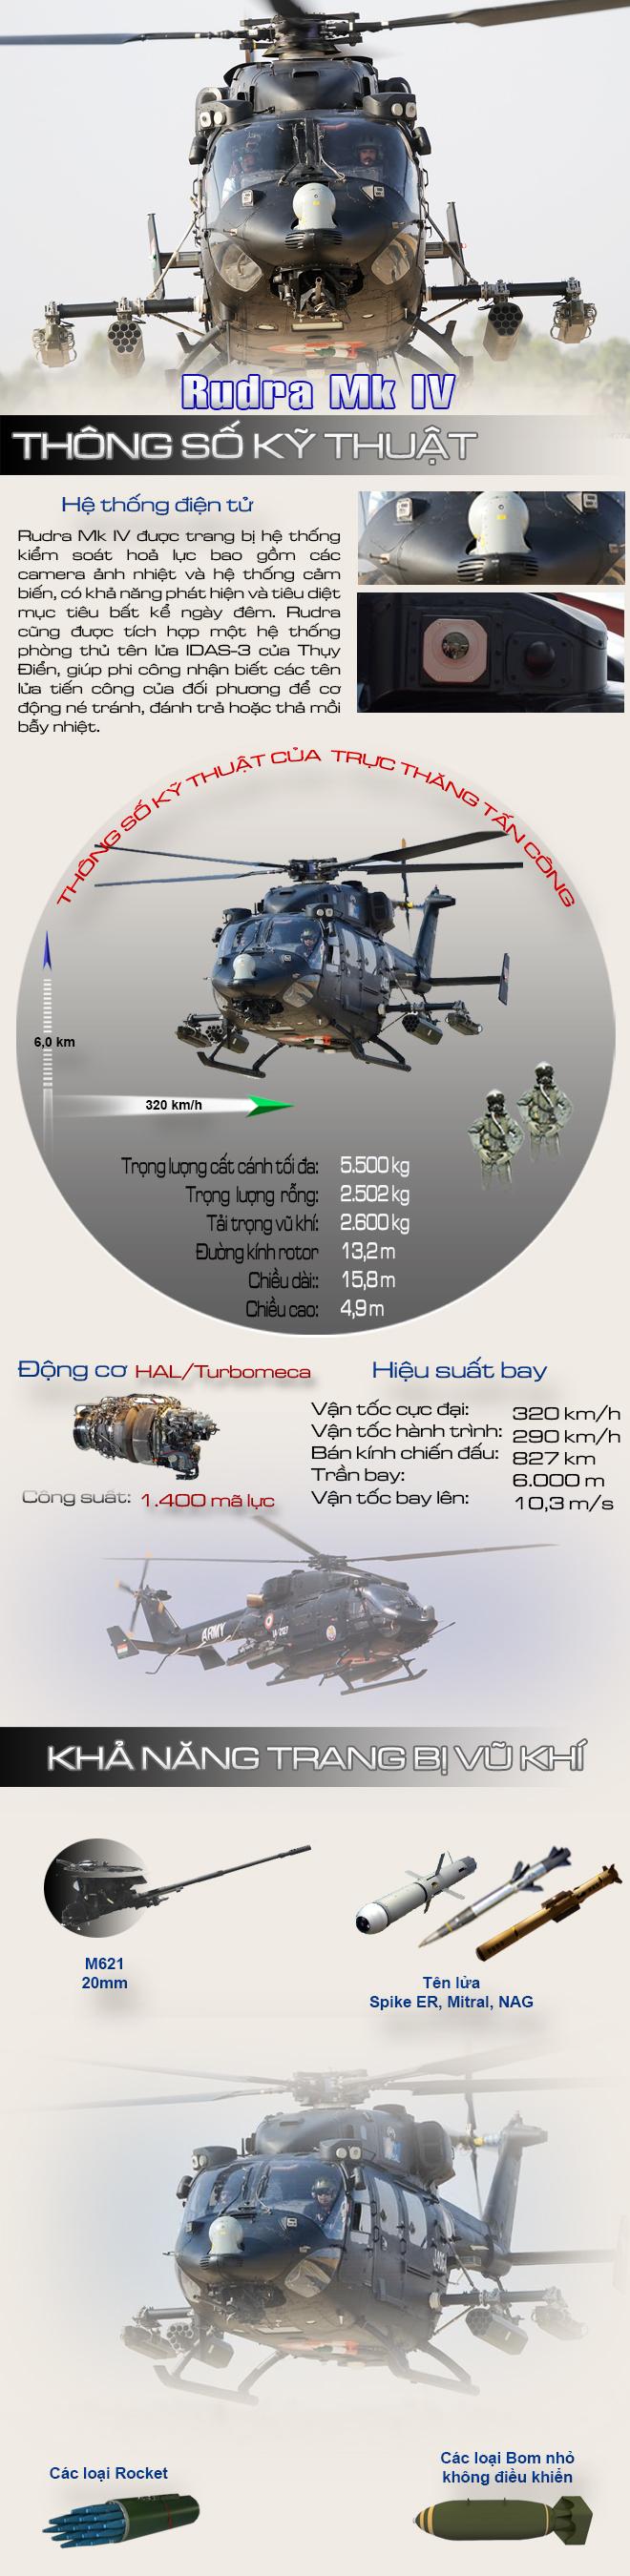 Trực thăng tấn công Ấn Độ áp sát biên giới Trung Quốc mạnh đến mức nào? - Ảnh 1.